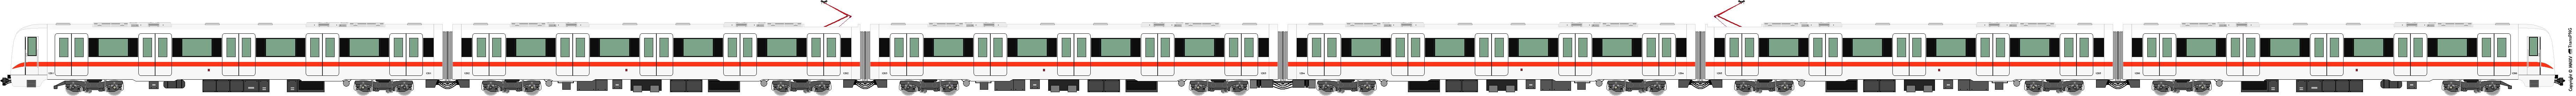 [5221] 深セン市地鉄 5221